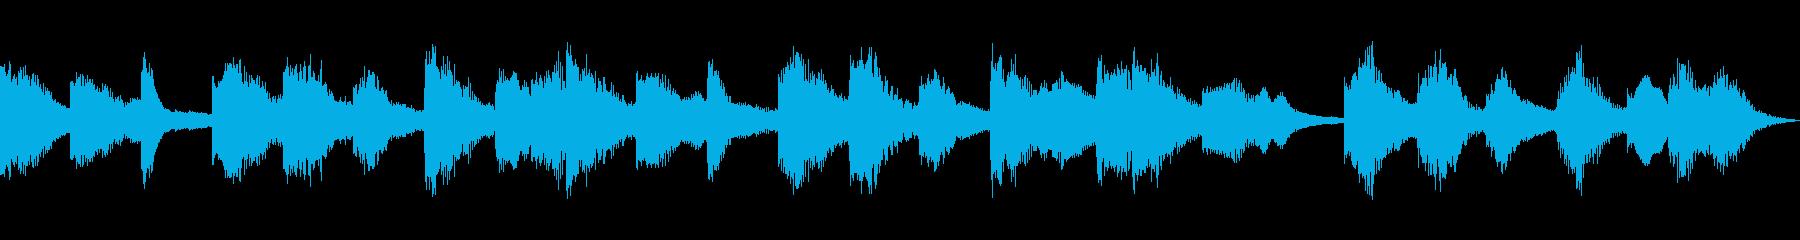 セクシー怪しいシンセCM 15秒の再生済みの波形